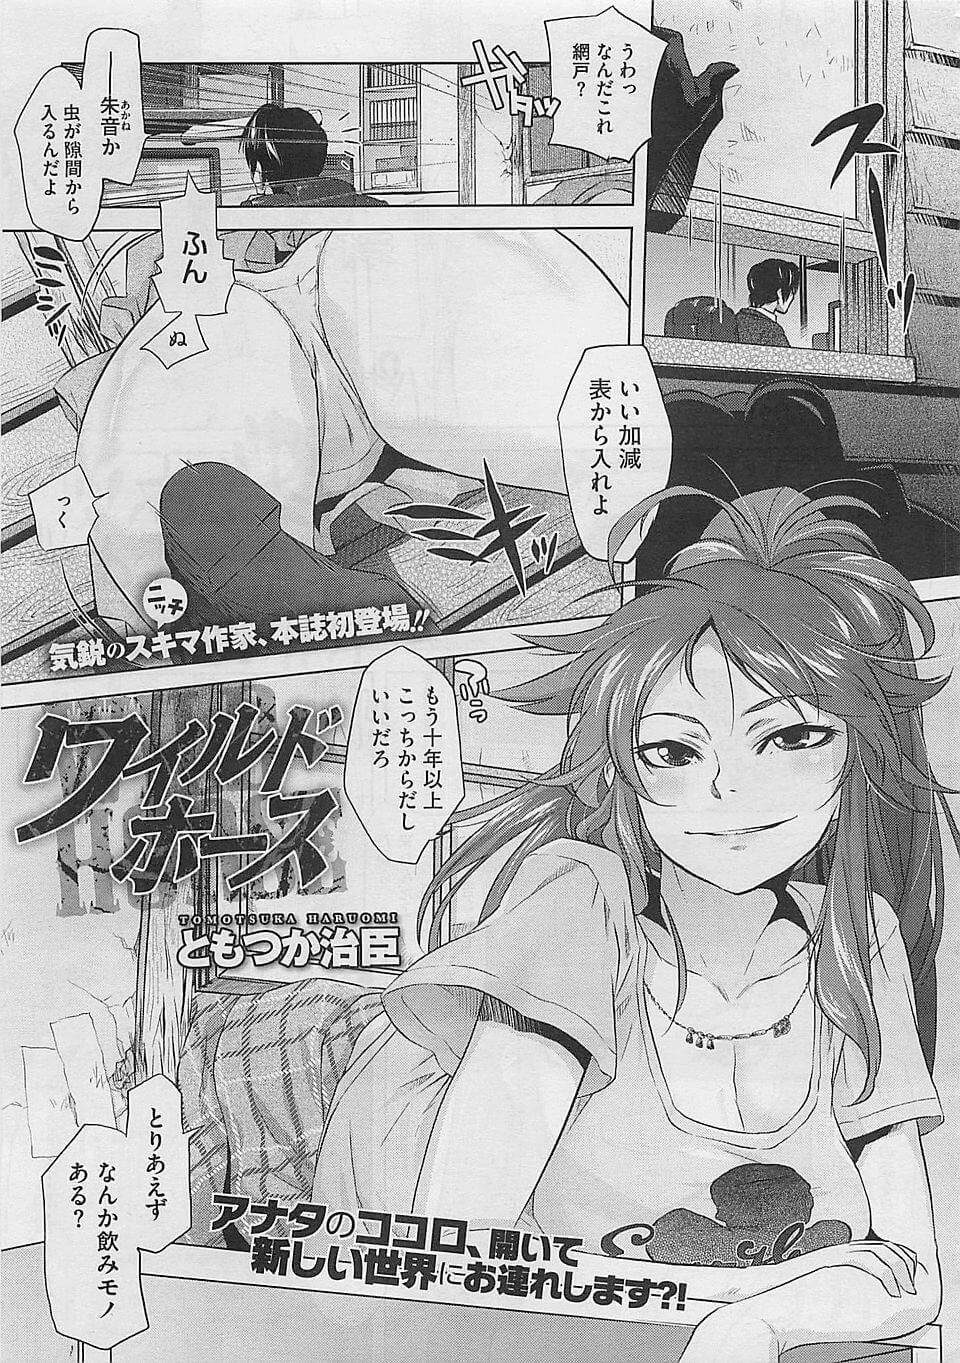 【エロ漫画】ハロウィンの夜に猫耳尻尾コスで訪ねてきた意中の美少女とエッチしてラブラブに♡【ぴかお エロ同人】